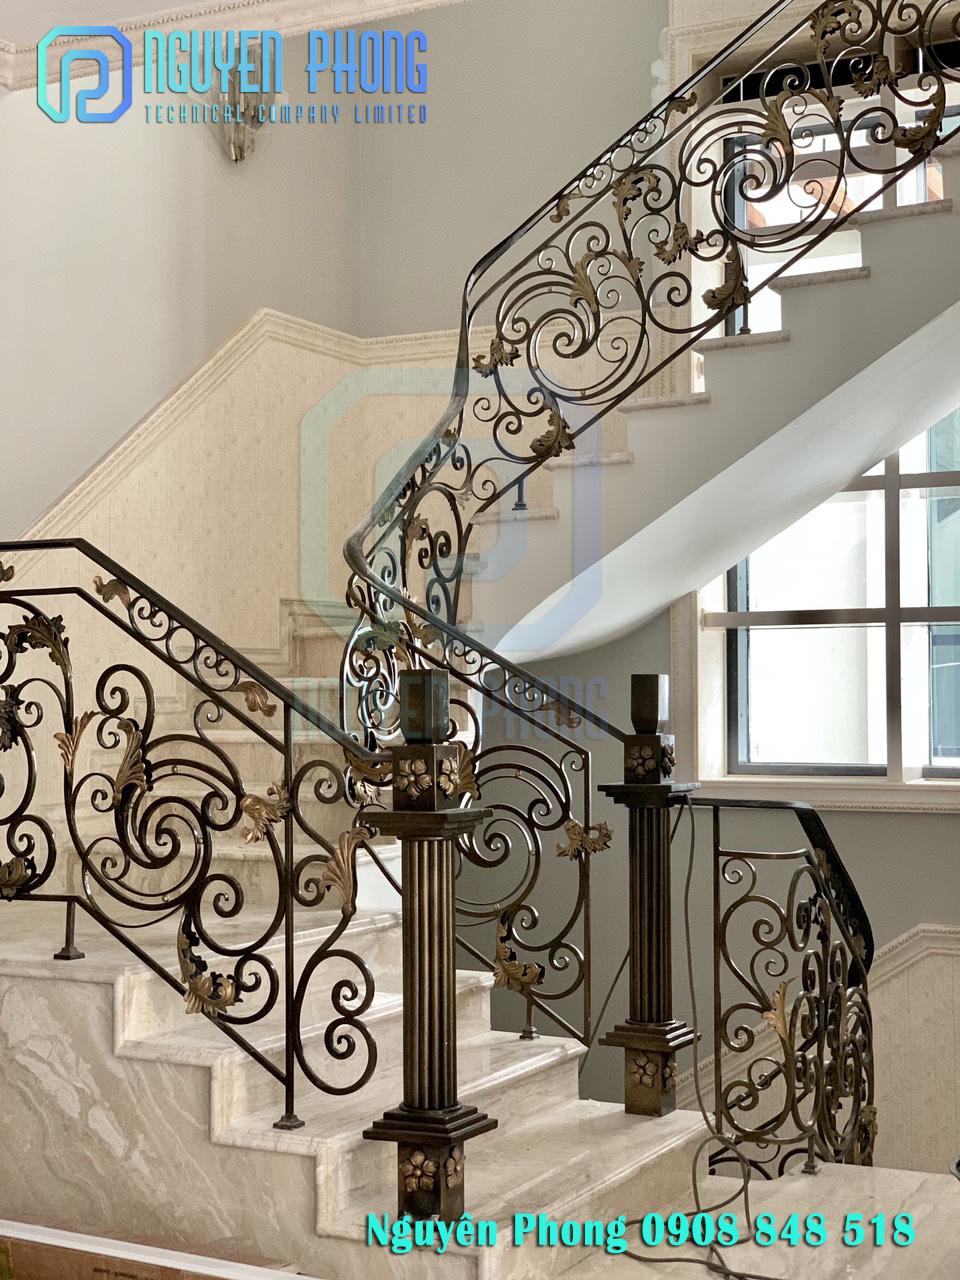 Thiết kế, gia công cầu thang sắt uốn mỹ thuật cổ điển đẹp sang trọng